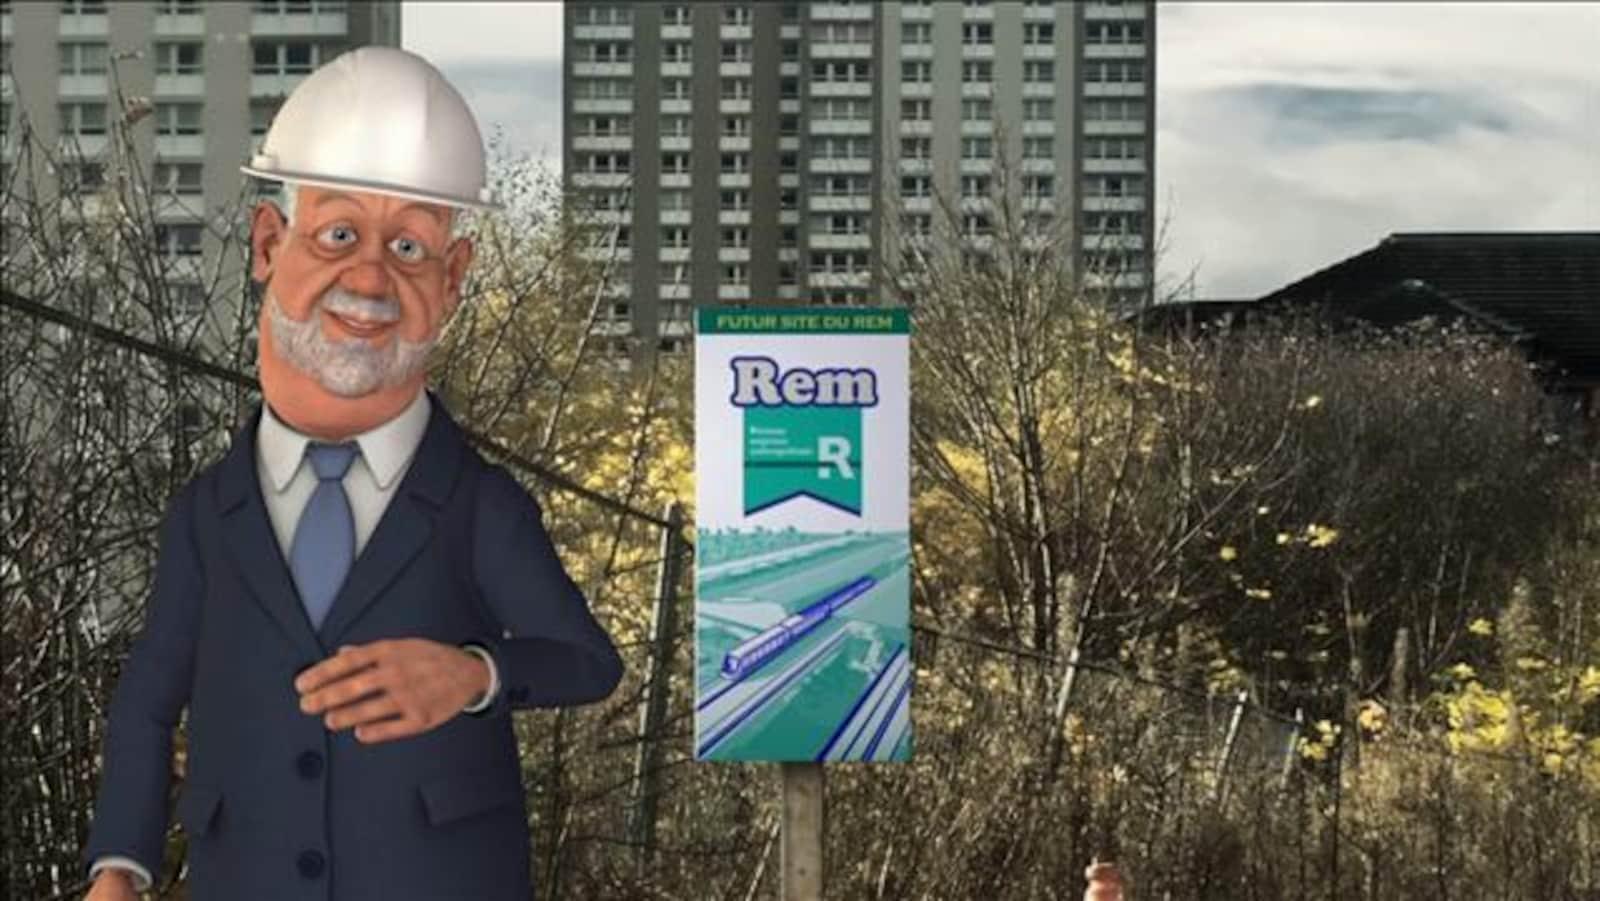 Le premier ministre du Québec en personnage Laflaque avec un chapeau de construction.